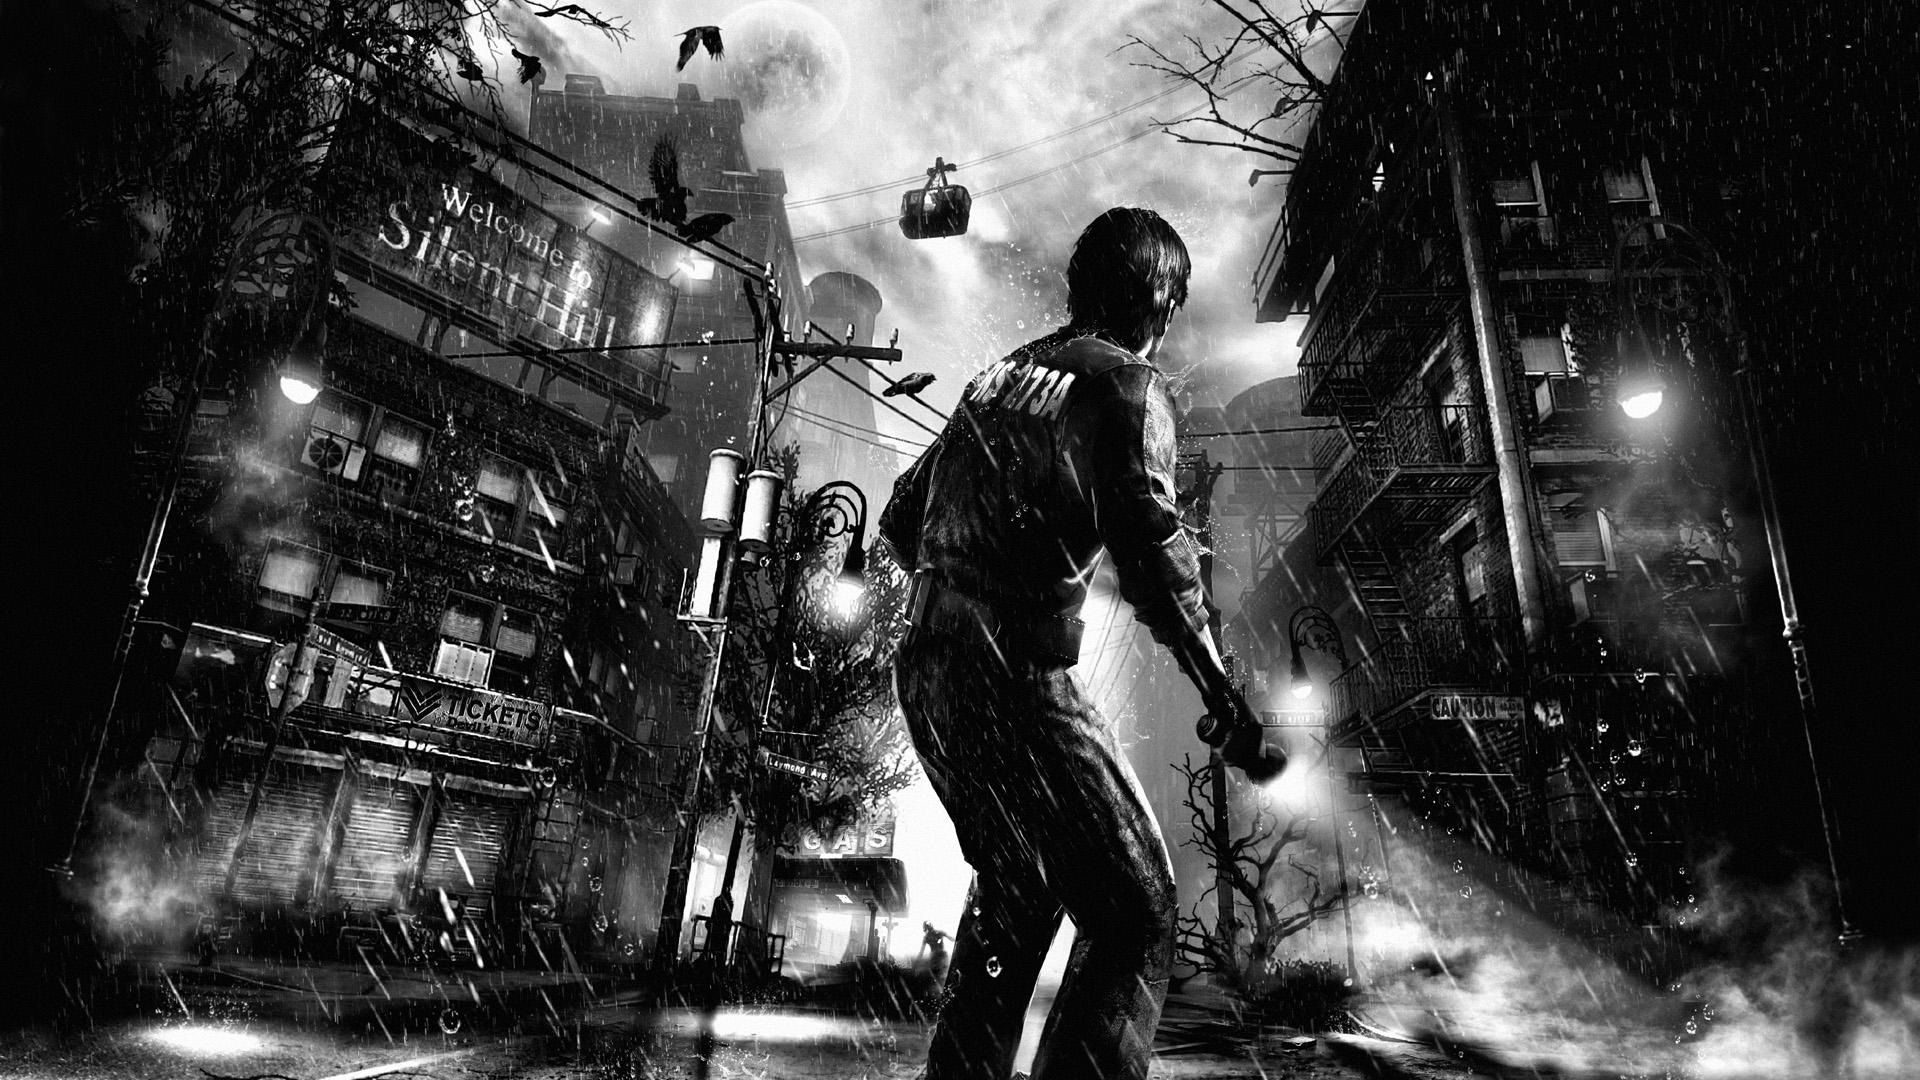 Wallpaper Silent Hill Downpour 179643 Hd Wallpaper